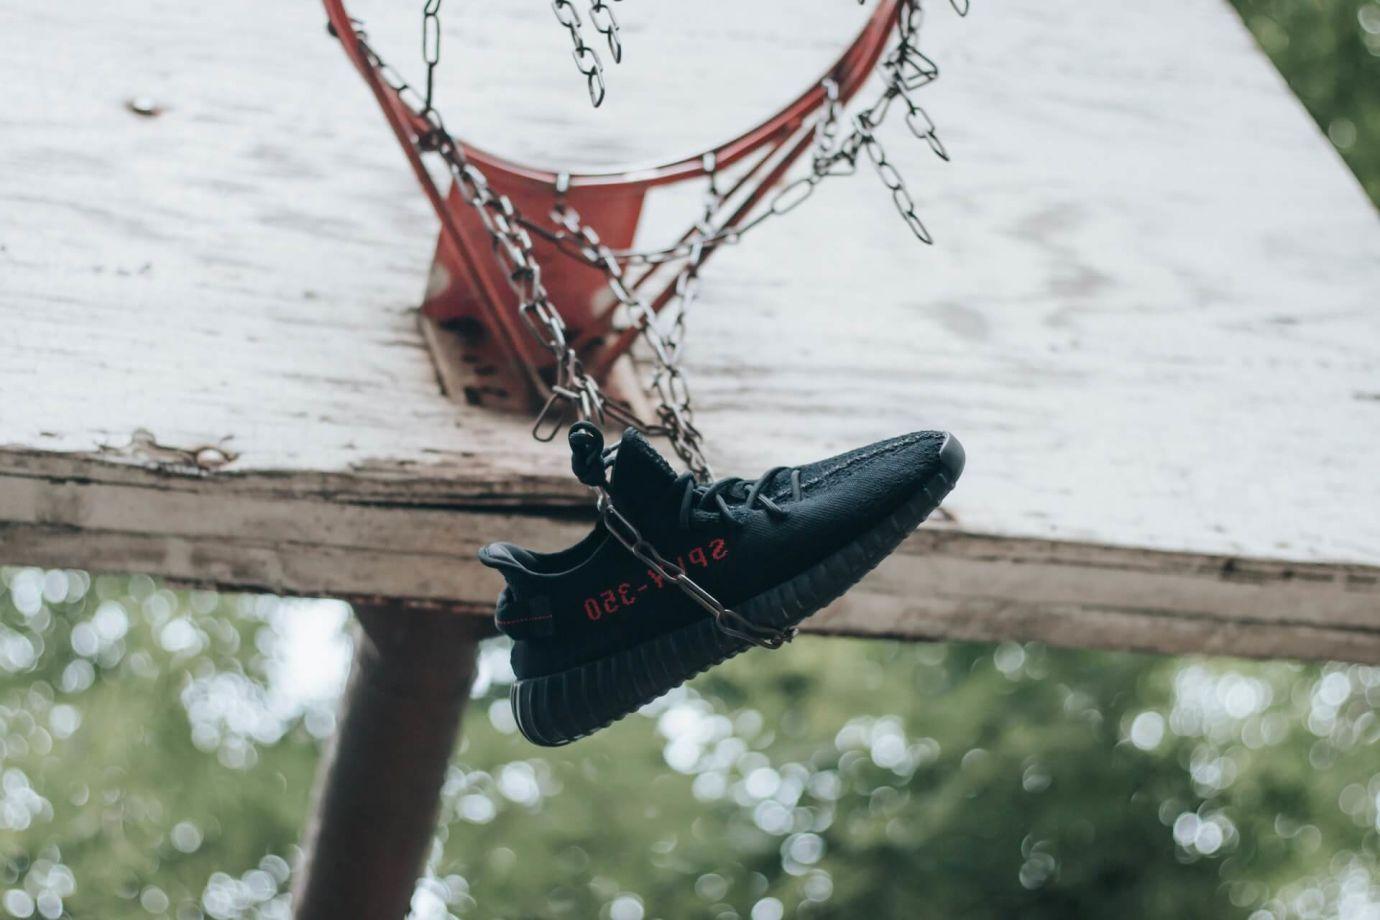 Schwarze Yeezys mit rotem Code Print hängen in Basketballnetz